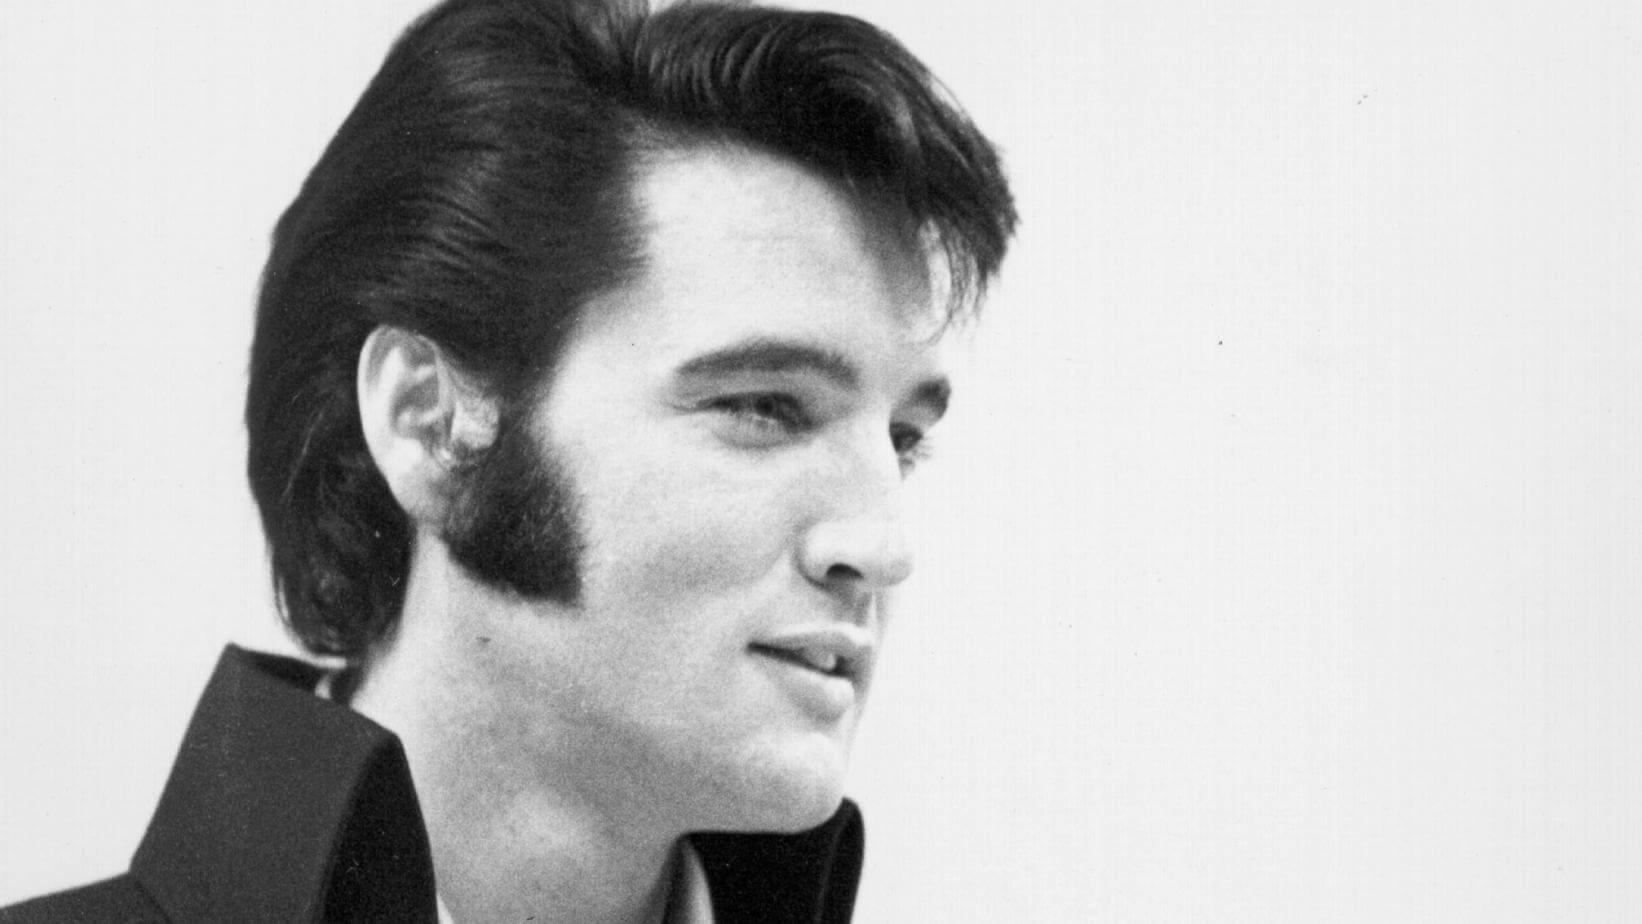 Este 16 de agosto, se cumplen cuarenta y dos años, de la muerte de uno de los íconos de la música, Elvis Presley.